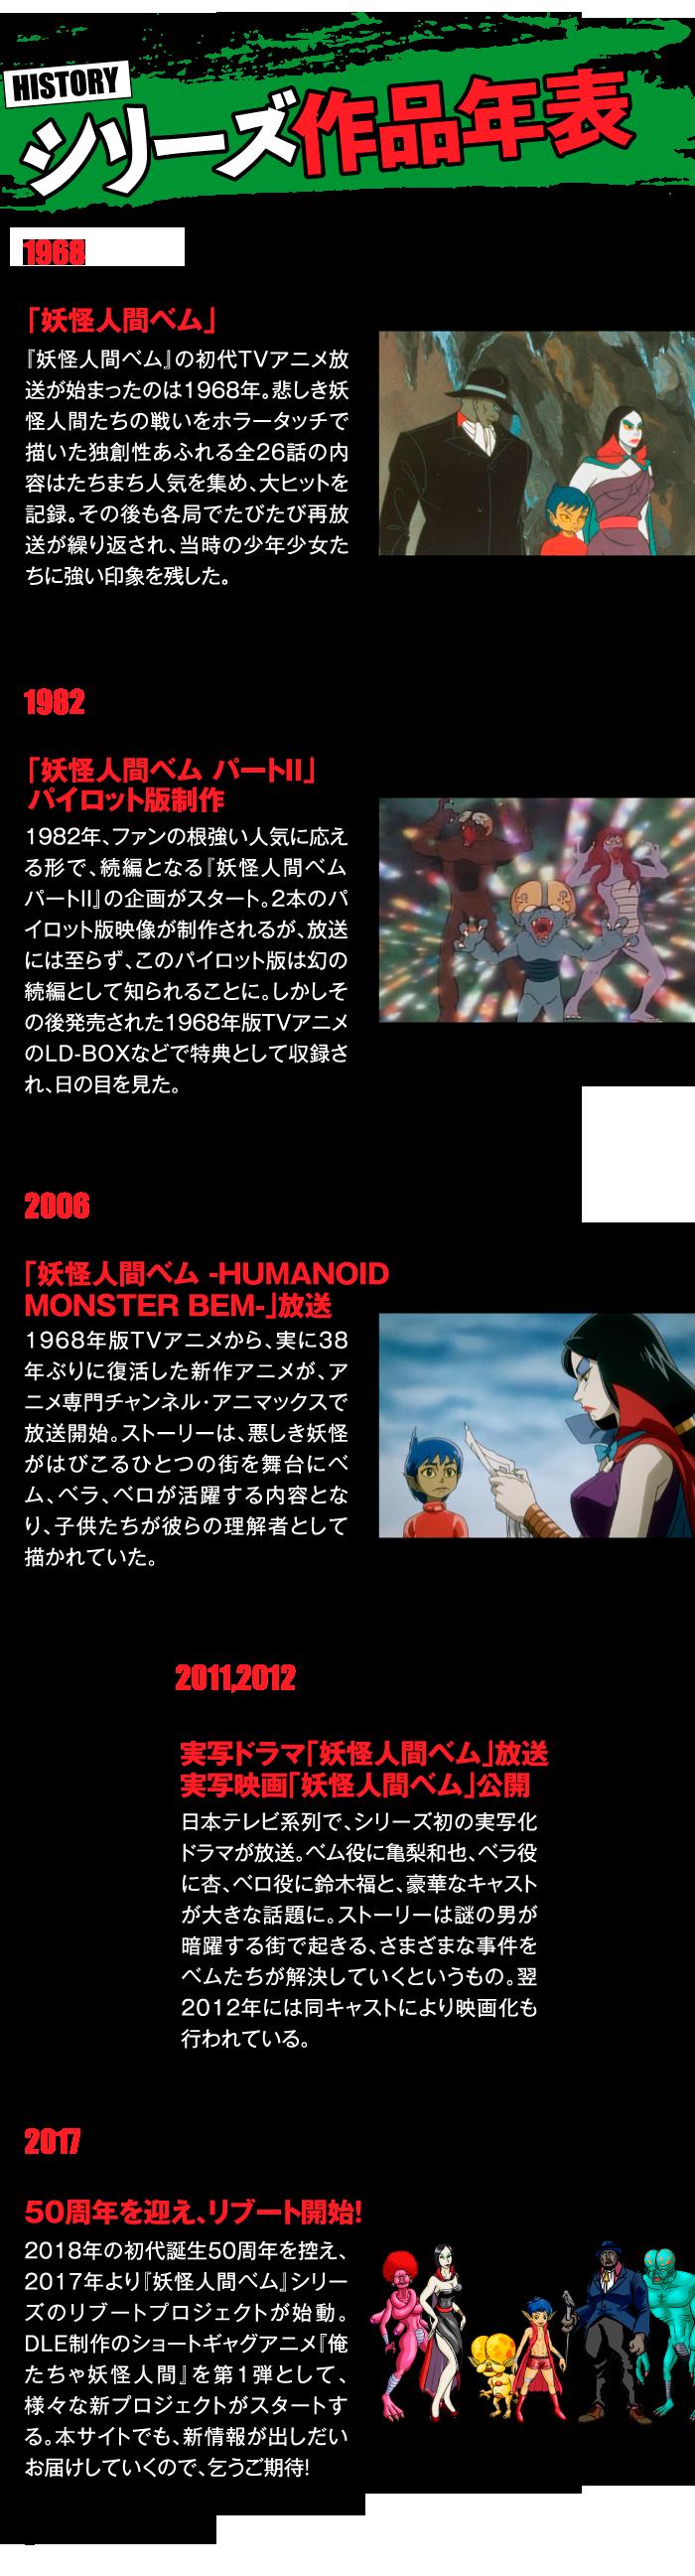 妖怪人間ベム50周年プロジェクト 公式サイト